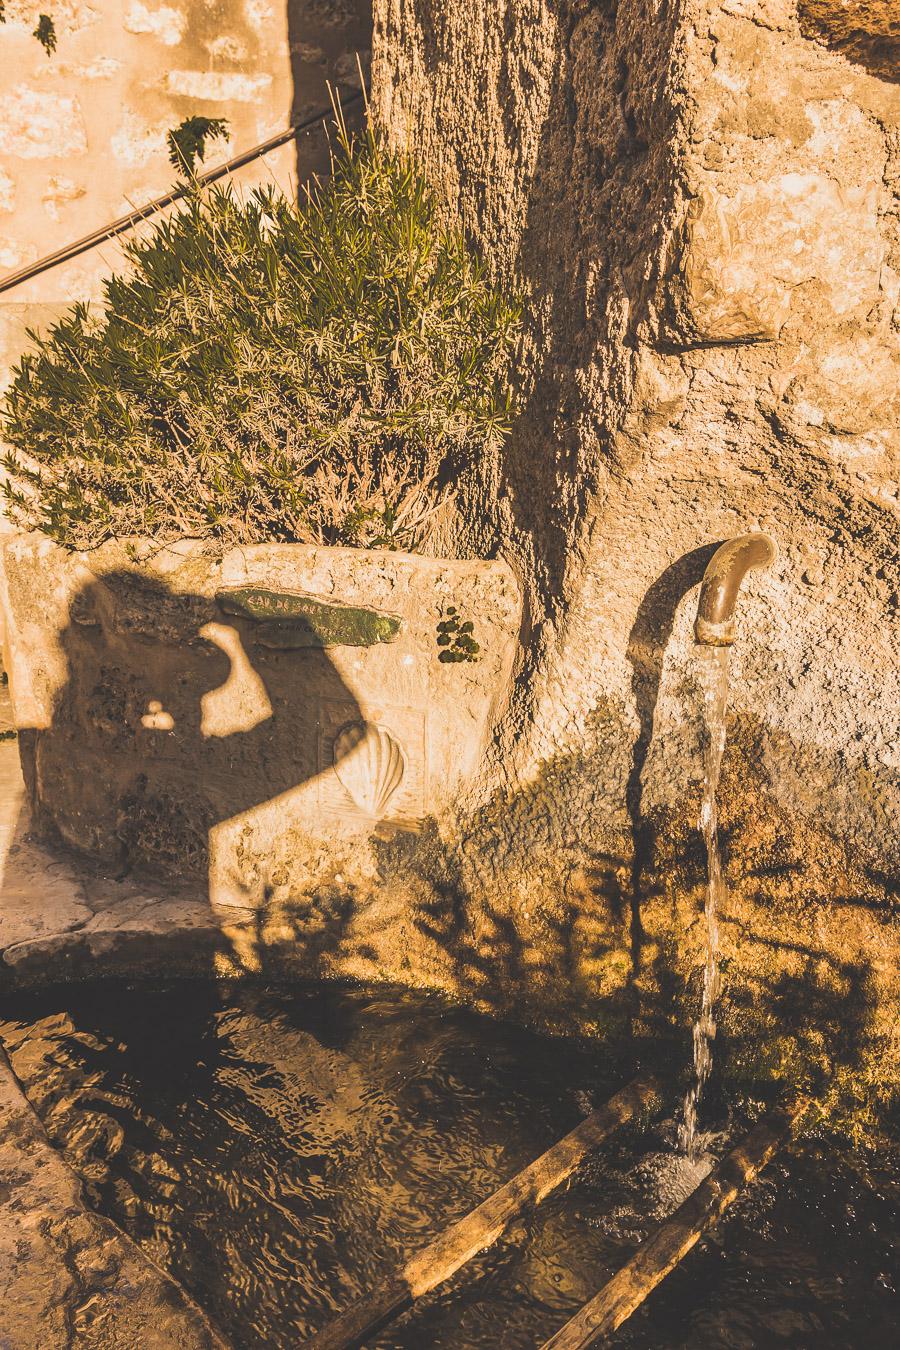 Que visiter dans l'Hérault ? Suivez le guide ! Découvrir l'Occitanie / Voyage en France / Vacances en France / Travel in France / Voyage en Europe / les plus belles randonnées en France / occitanie france / occitanie tourisme / herault tourisme / herault france / languedoc france / languedoc roussillon / languedoc roussillon travel / languedoc roussillon beach / parc naturel régional du haut languedoc / villages in france / beaux villages de france / beaux villages occitanie / Europe